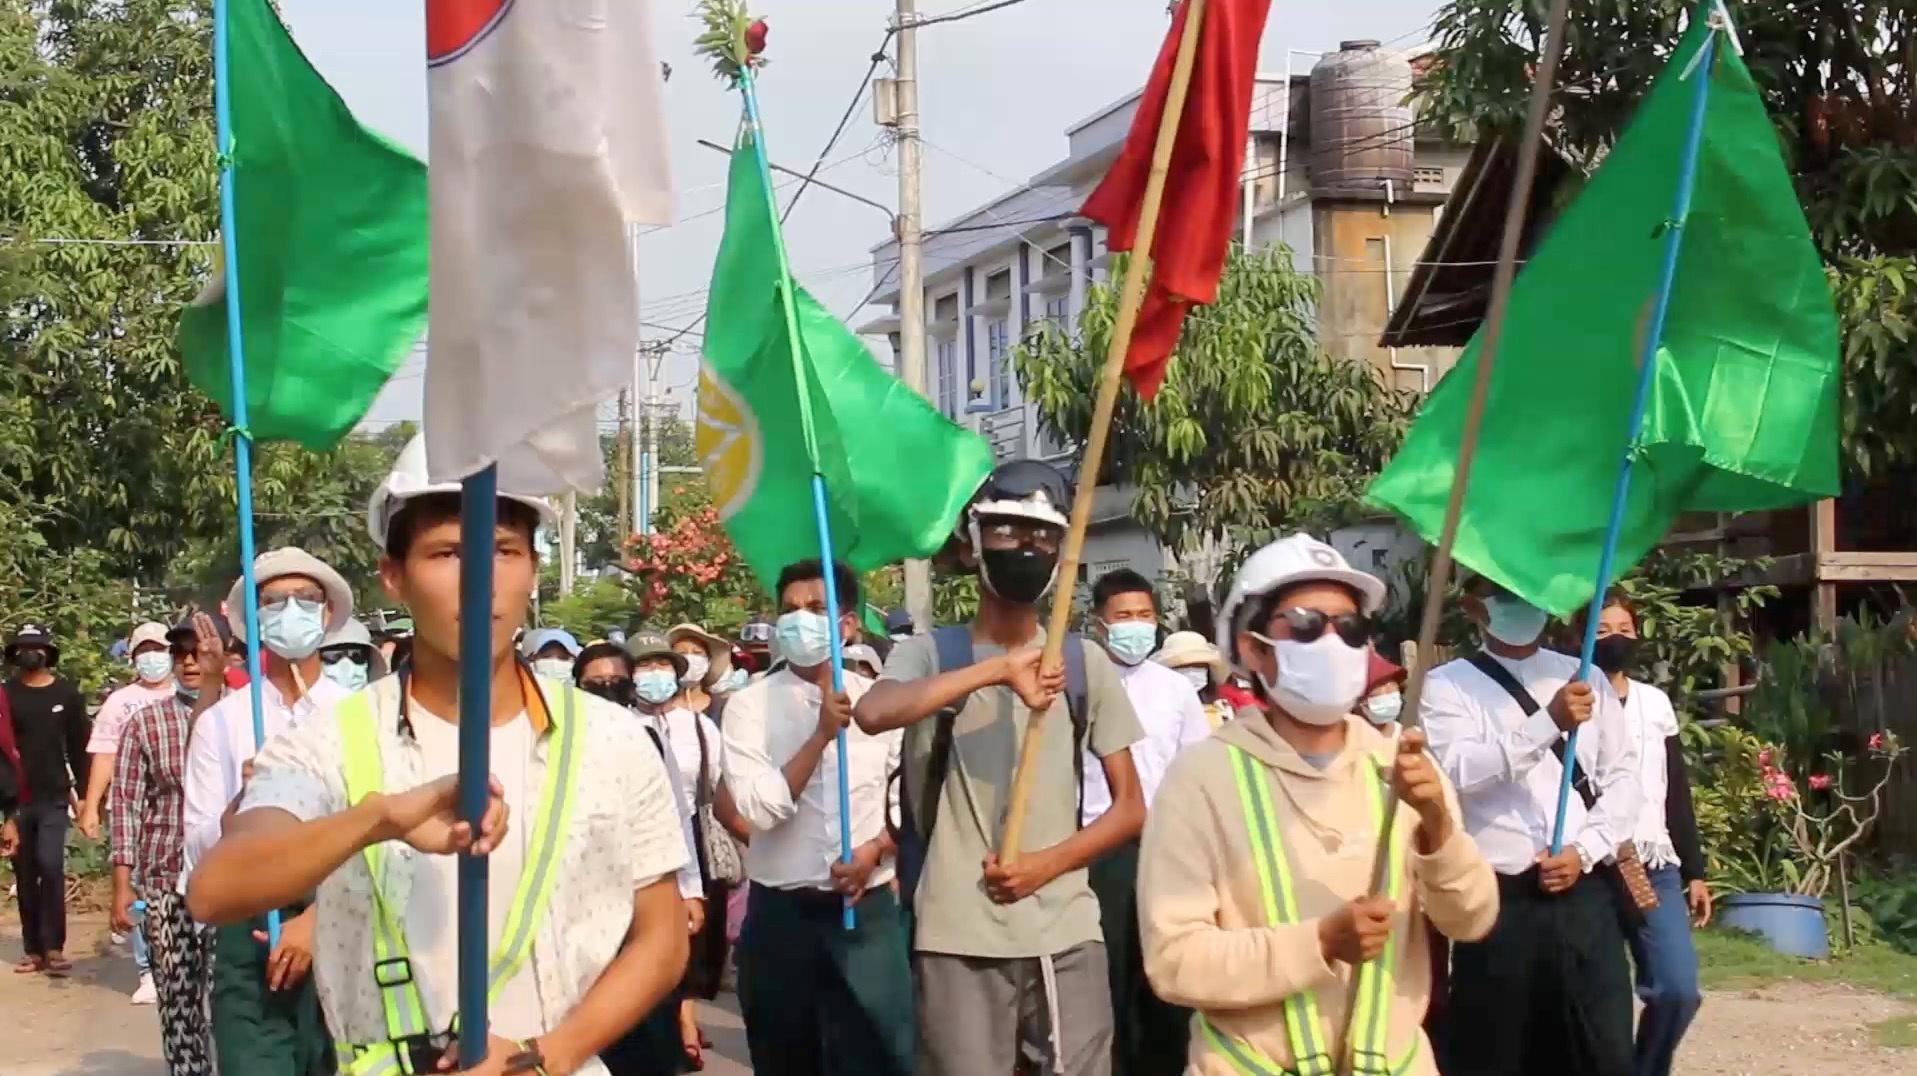 Αγνοείται ο ανταποκριτής του BBC στη Μιανμάρ